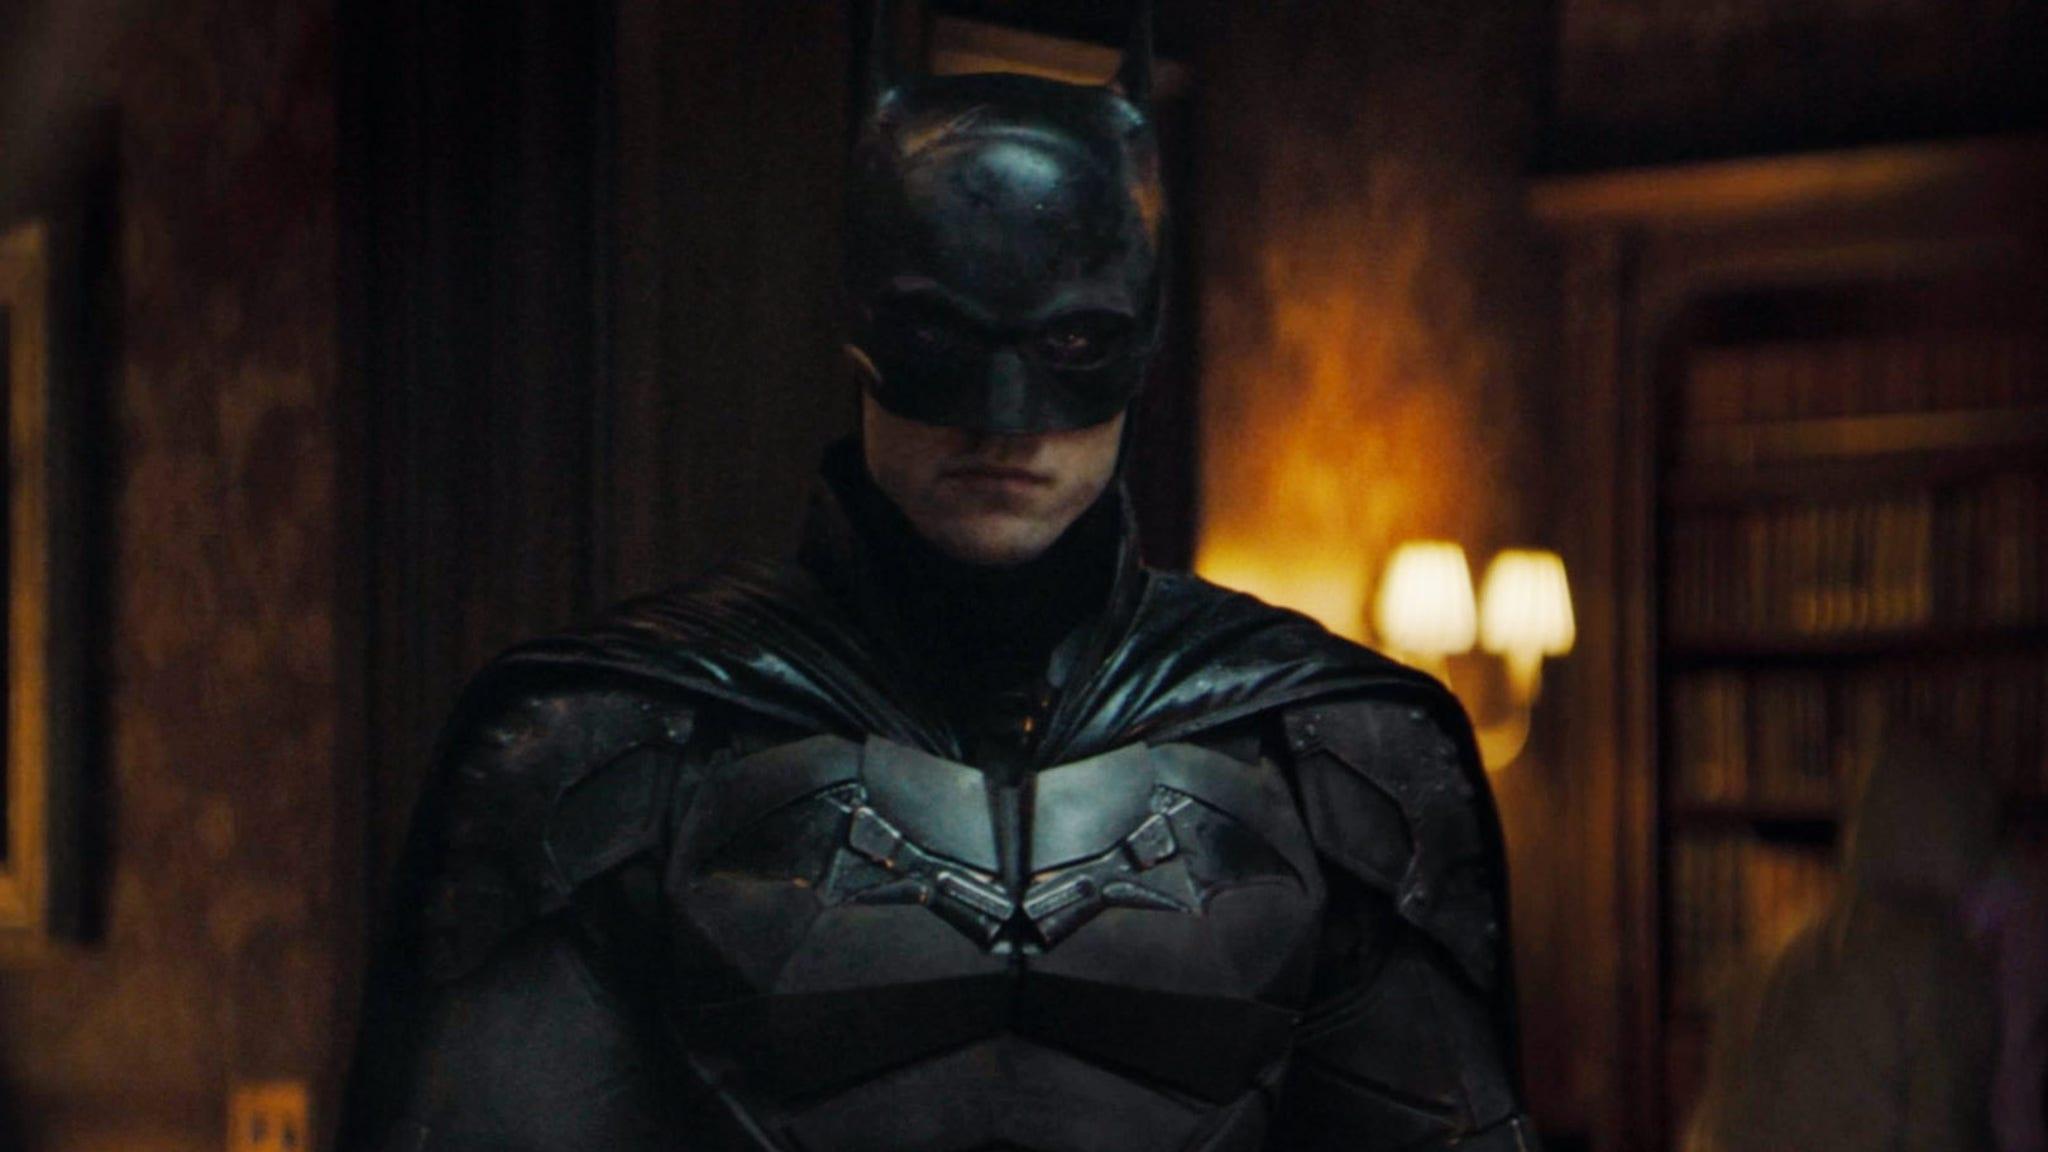 The Batman, Wonder Woman, Suicide Squad & Justice League Trailers ...